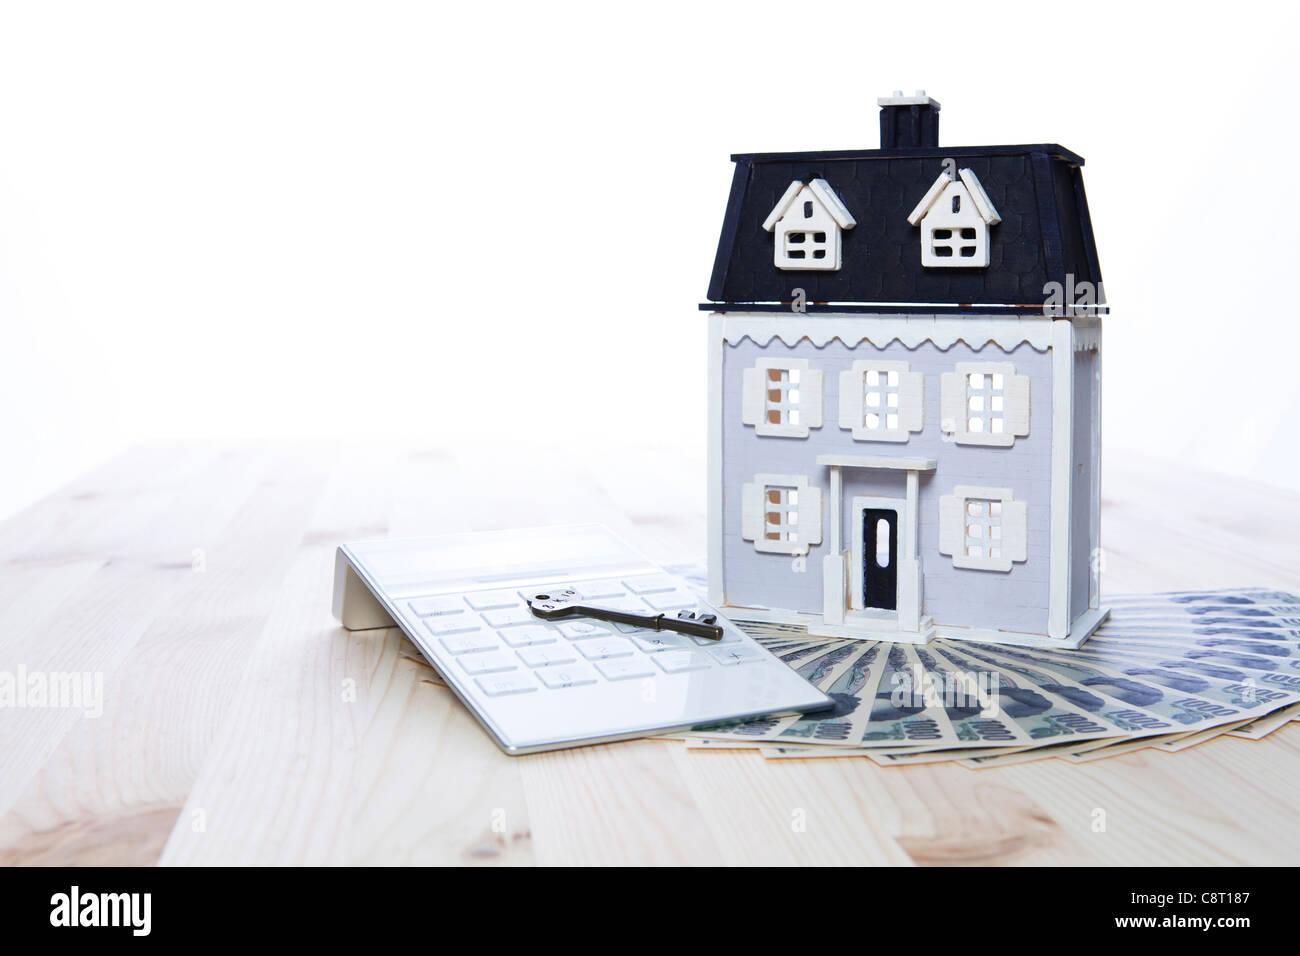 Modell Haus auf Papierwährung mit Taschenrechner und Schlüssel Stockbild